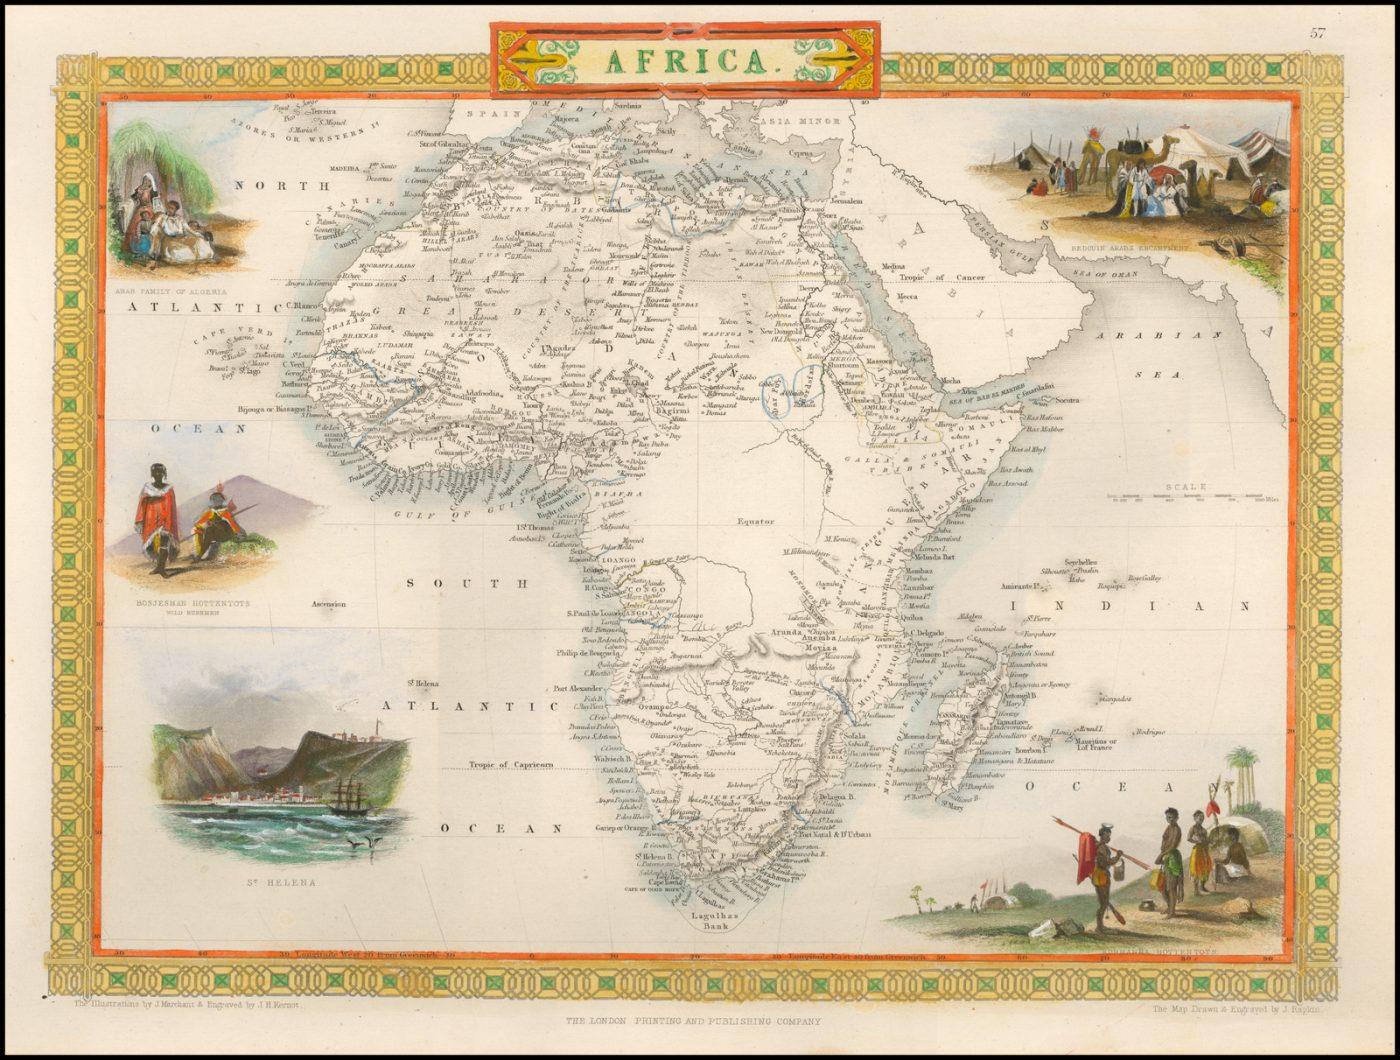 Редкая карта Африки, составленная Таллисом в 1851 году